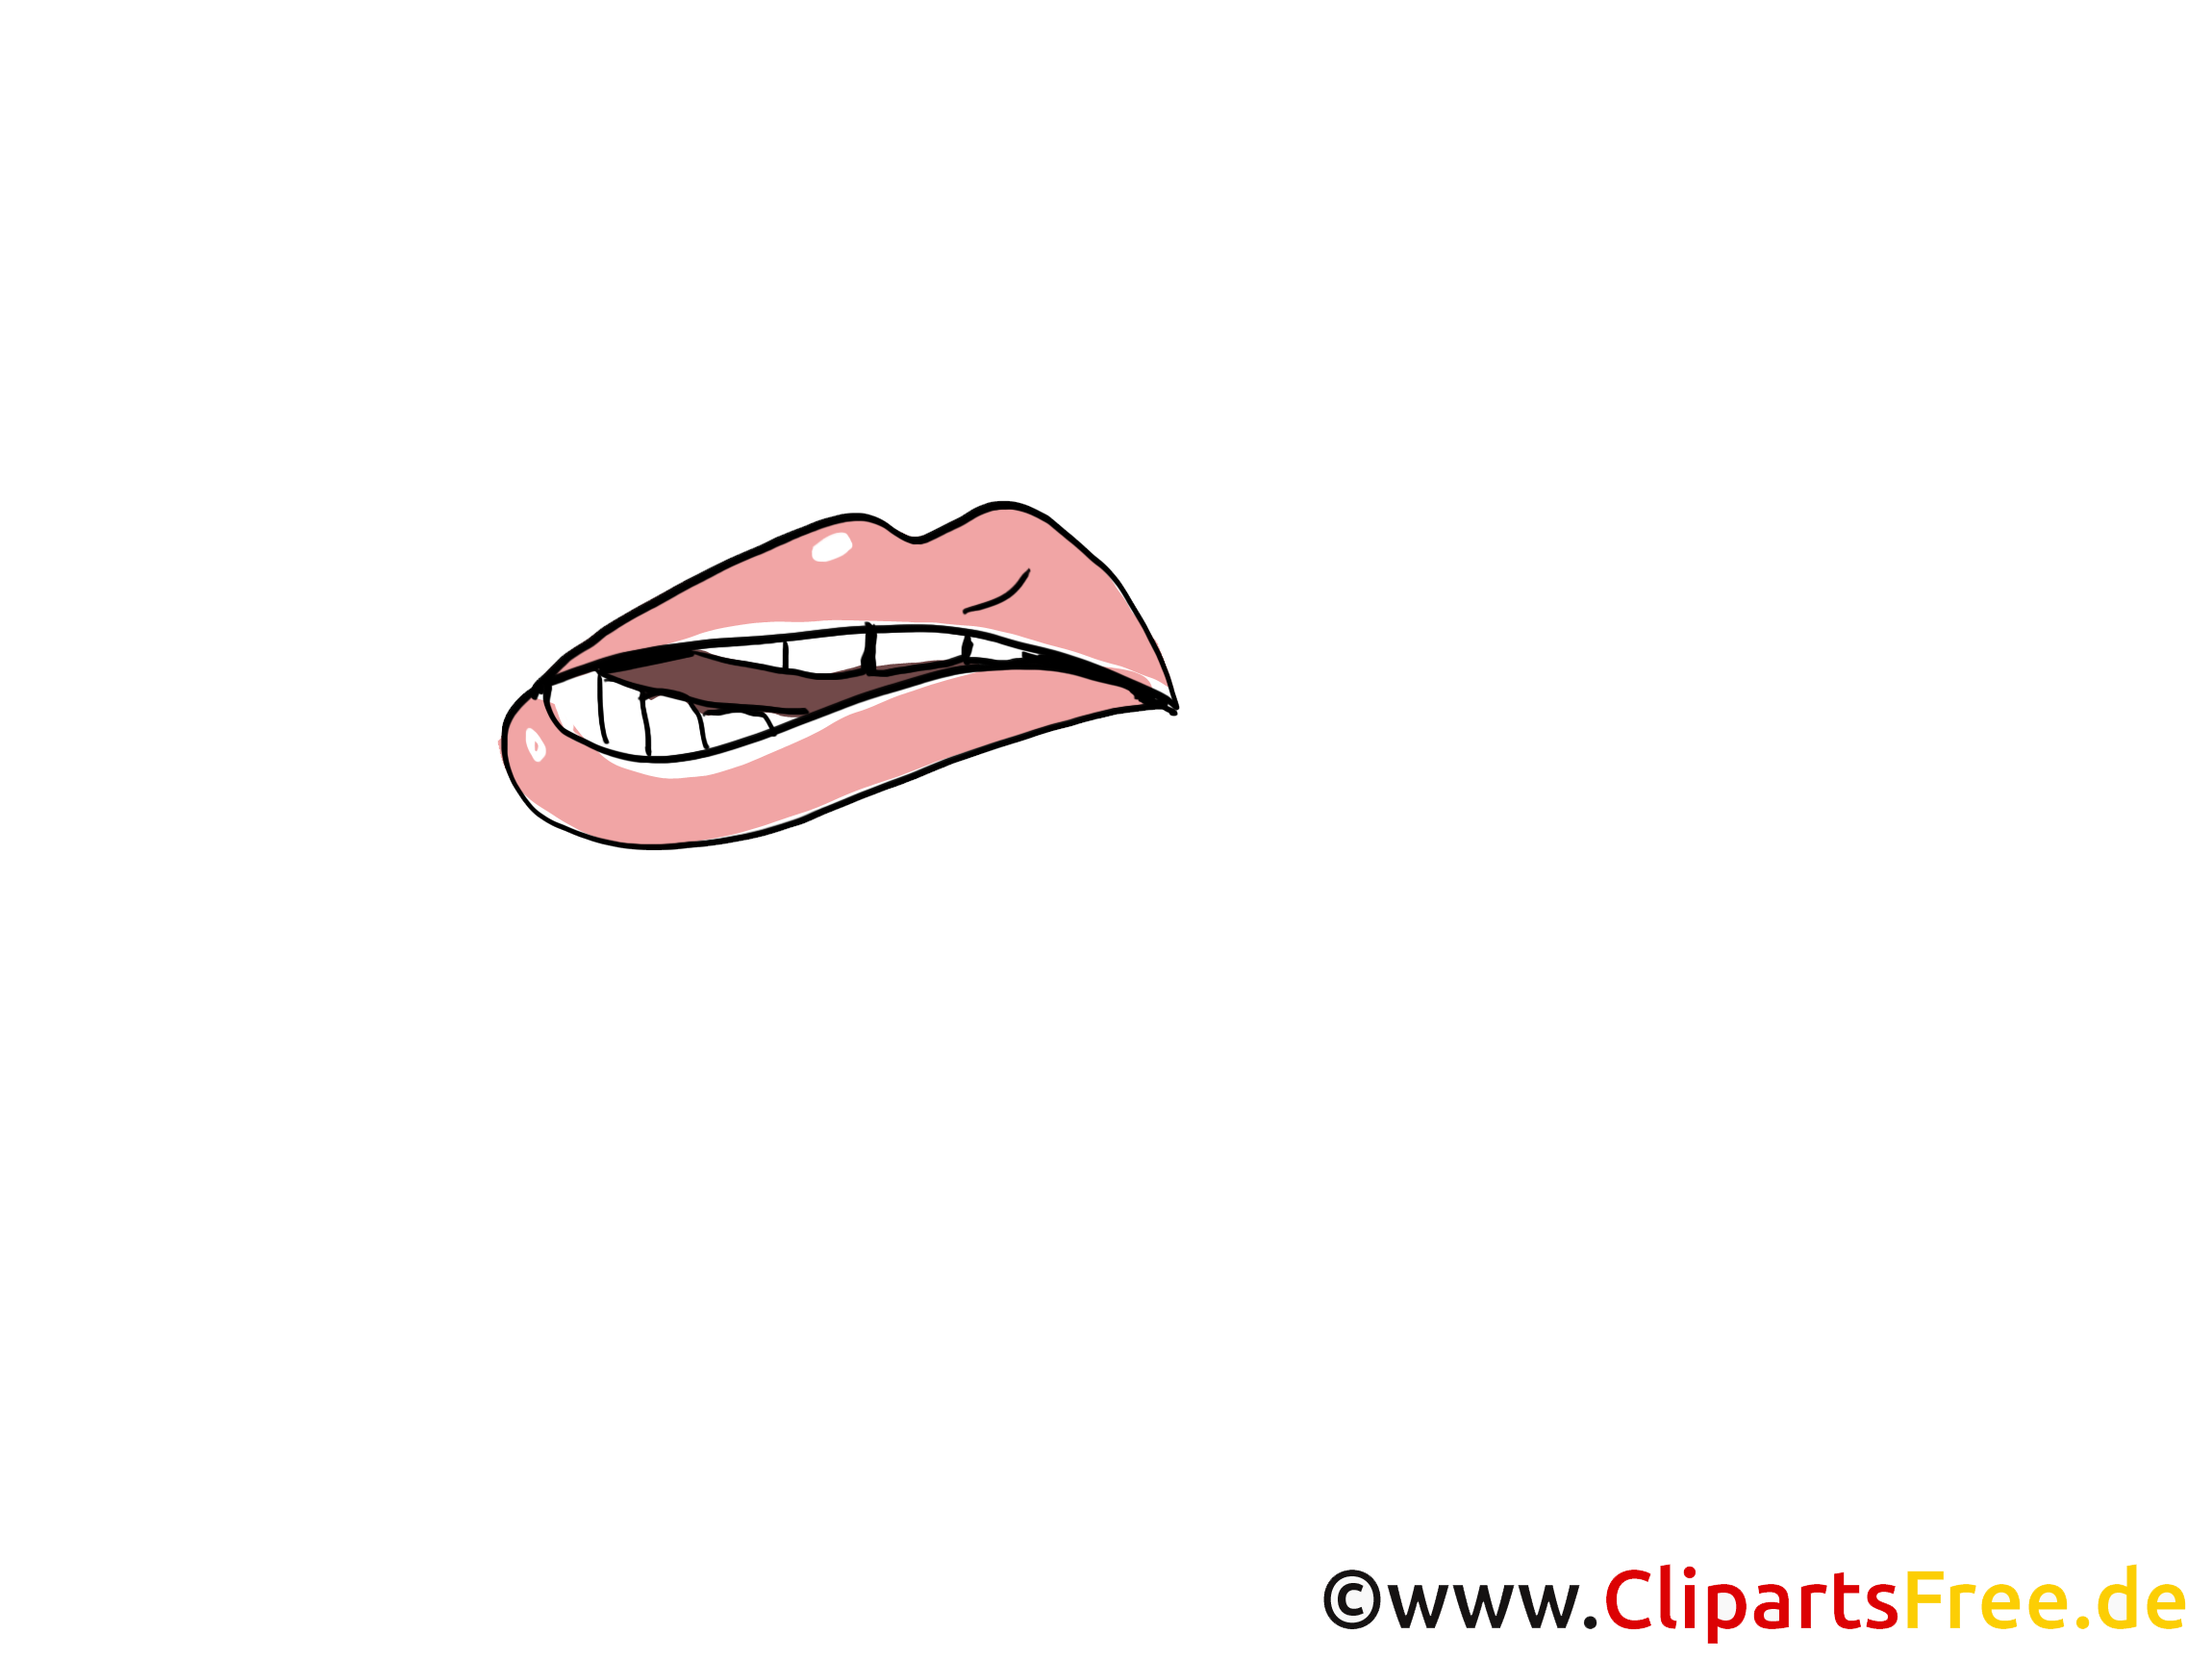 Lippen beissen Bild, Zeichnung, Cartoon